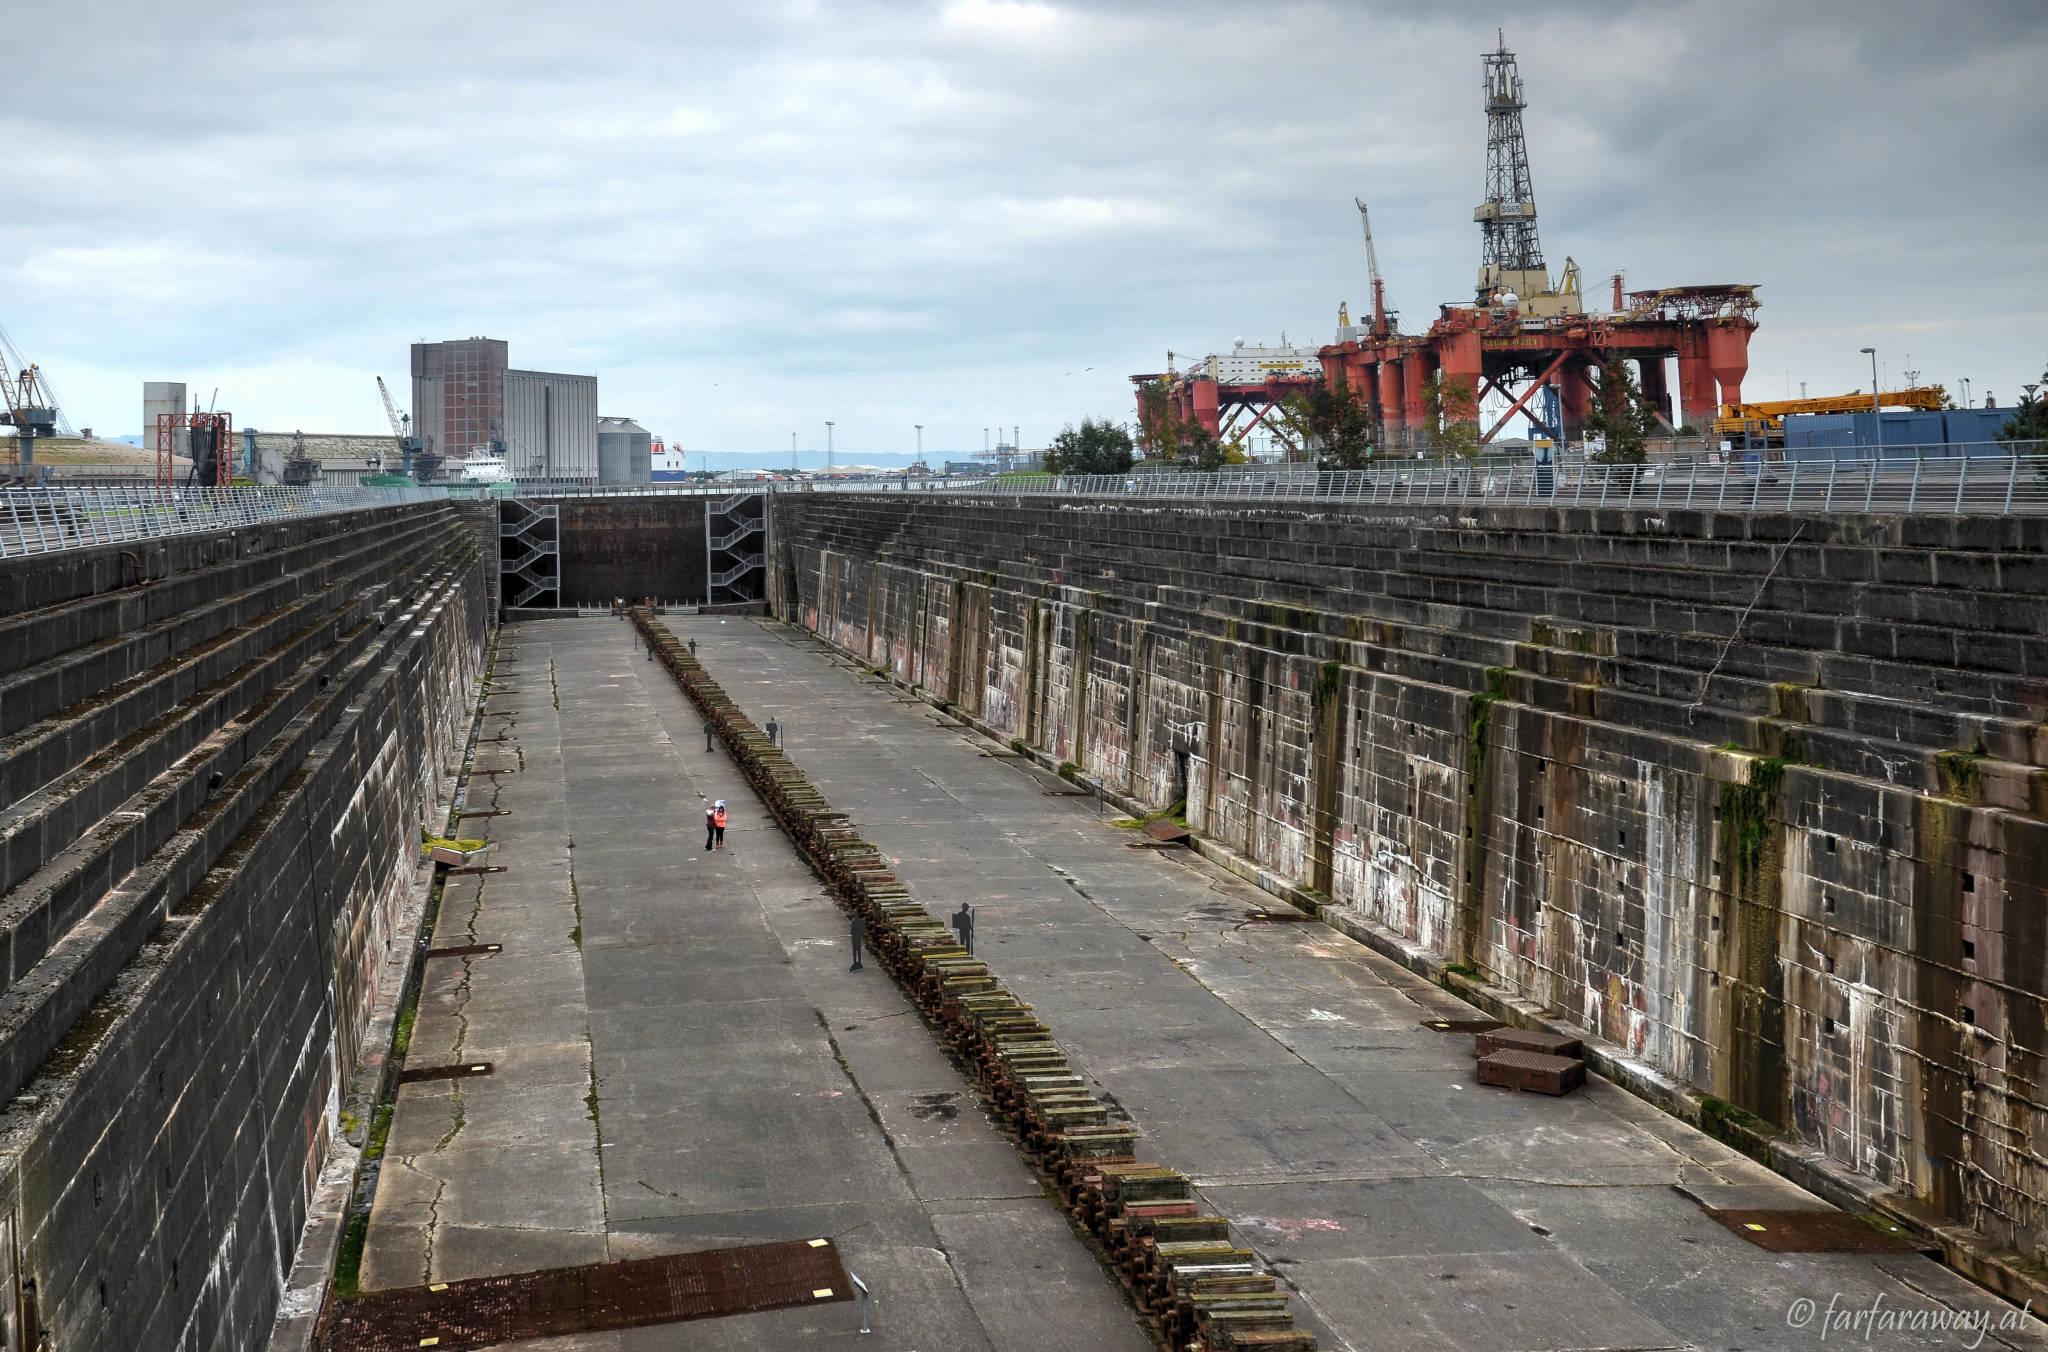 wann wurde die titanic gebaut